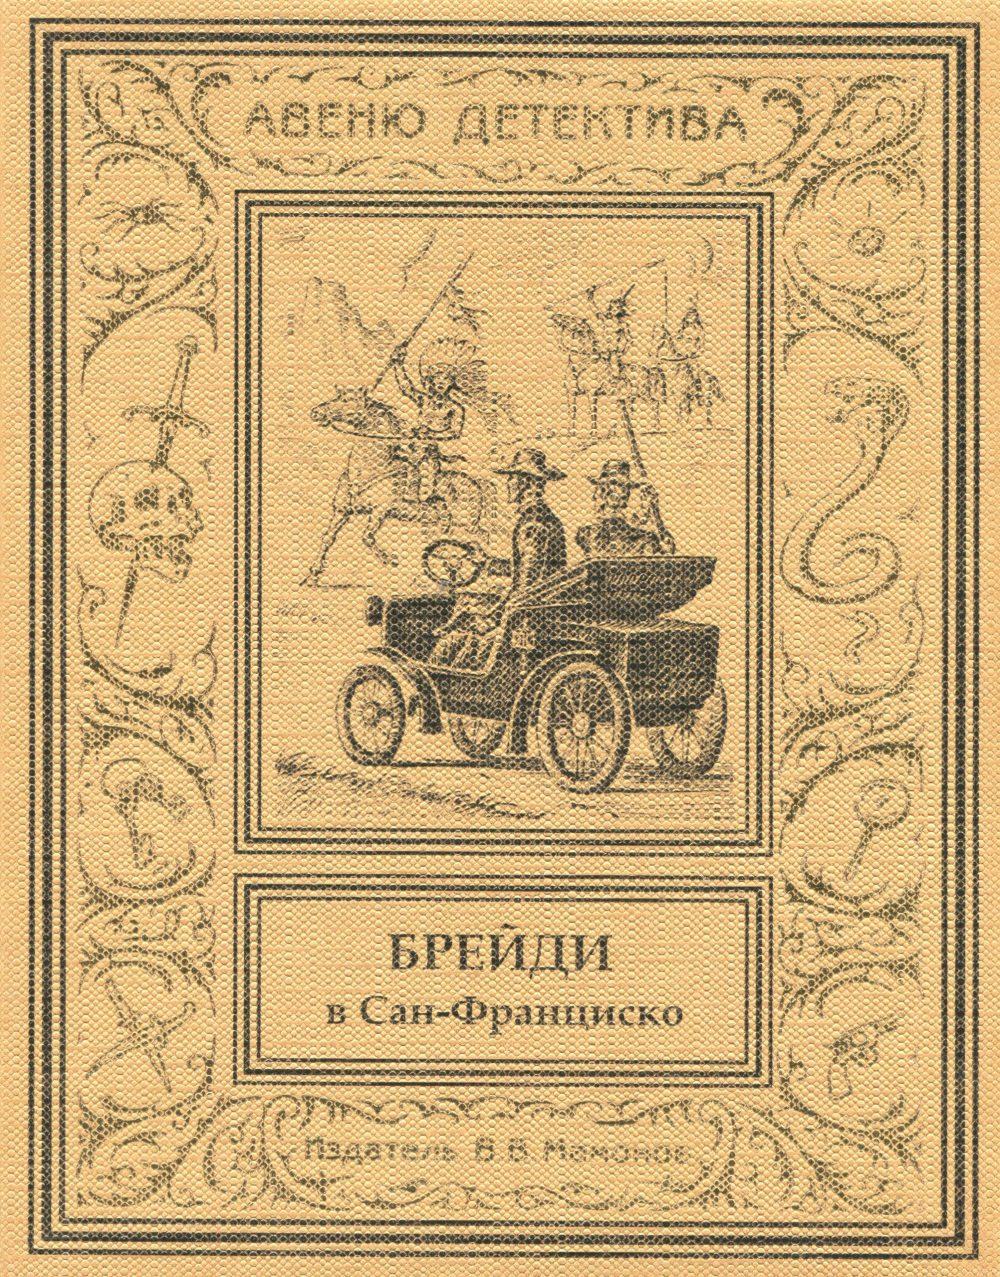 """""""БРЕЙДИ В САН-ФРАНЦИСКО""""-534"""